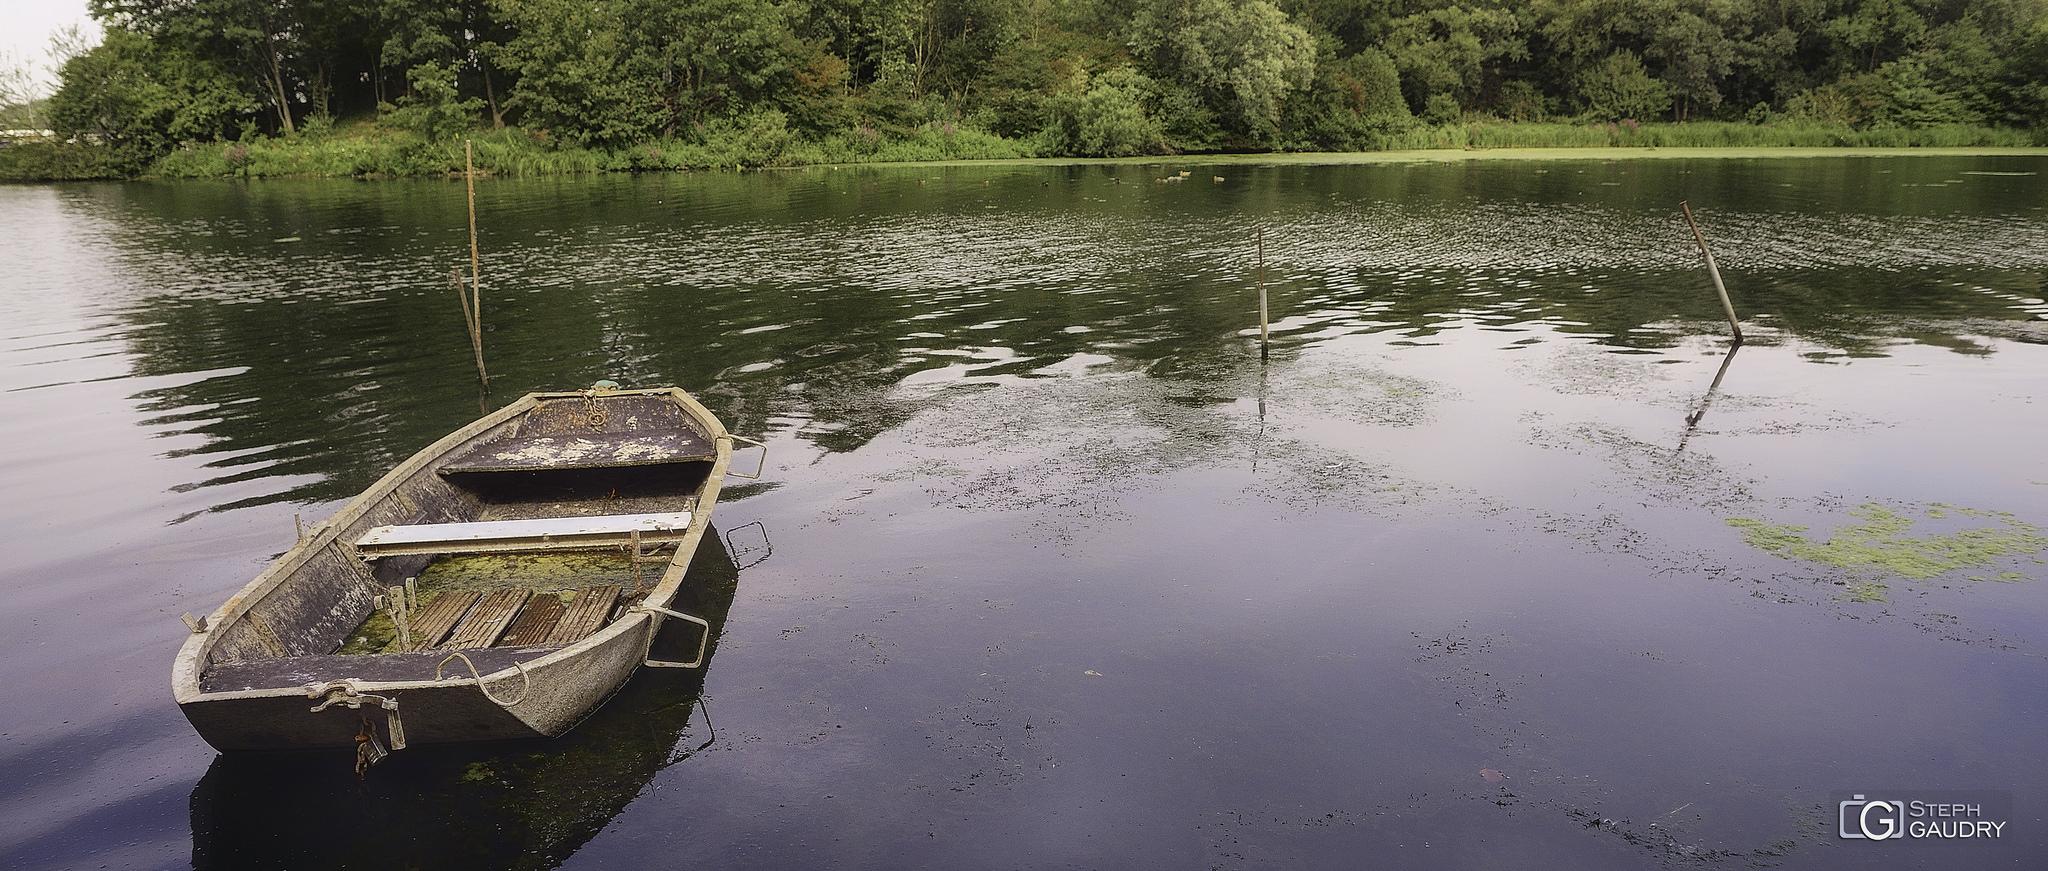 Les étangs de Lanaye [Cliquez pour lancer le diaporama]